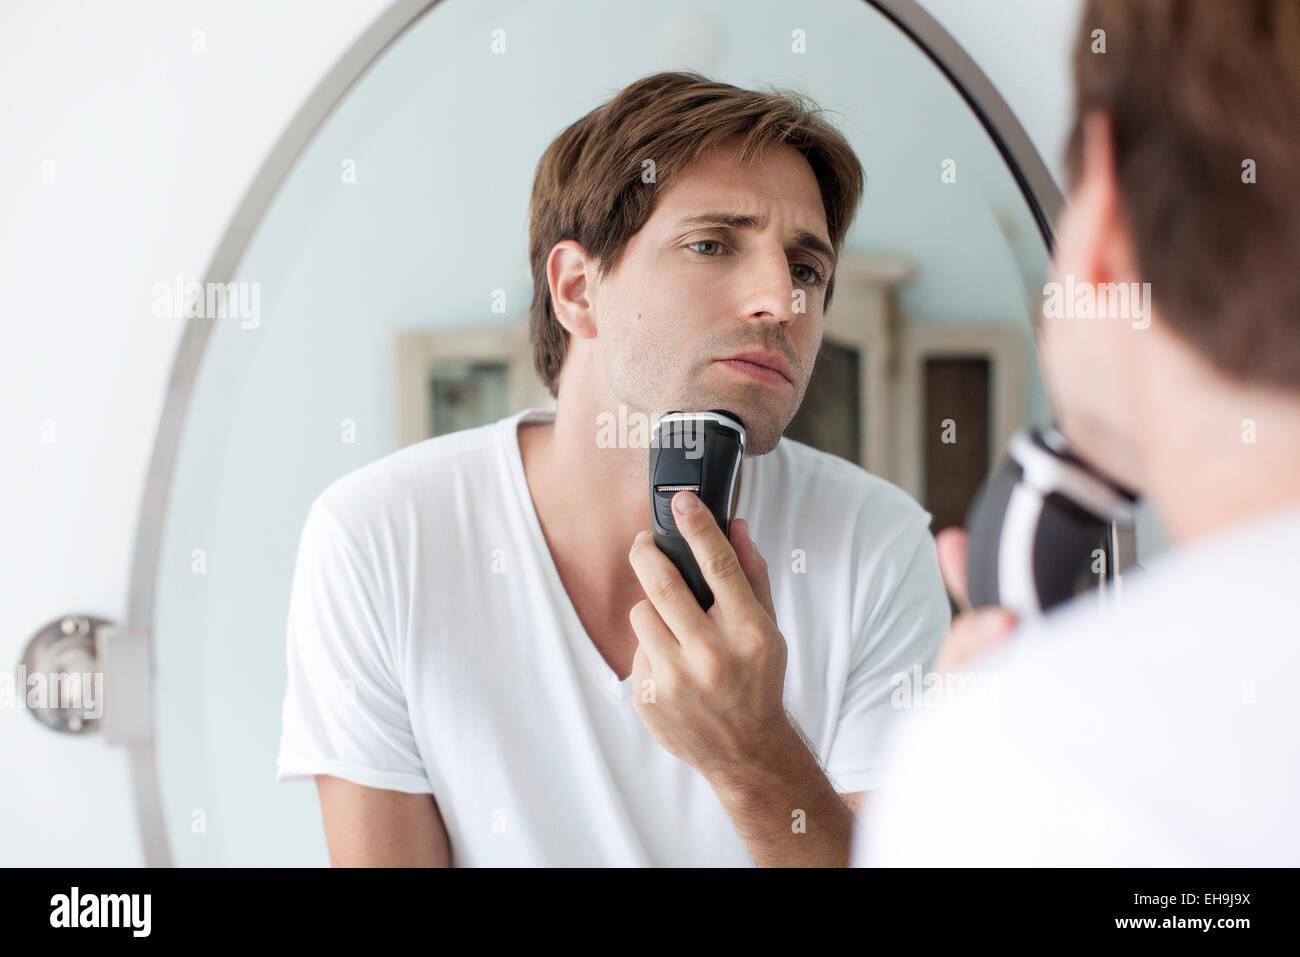 L'uomo la rasatura con il rasoio elettrico Immagini Stock